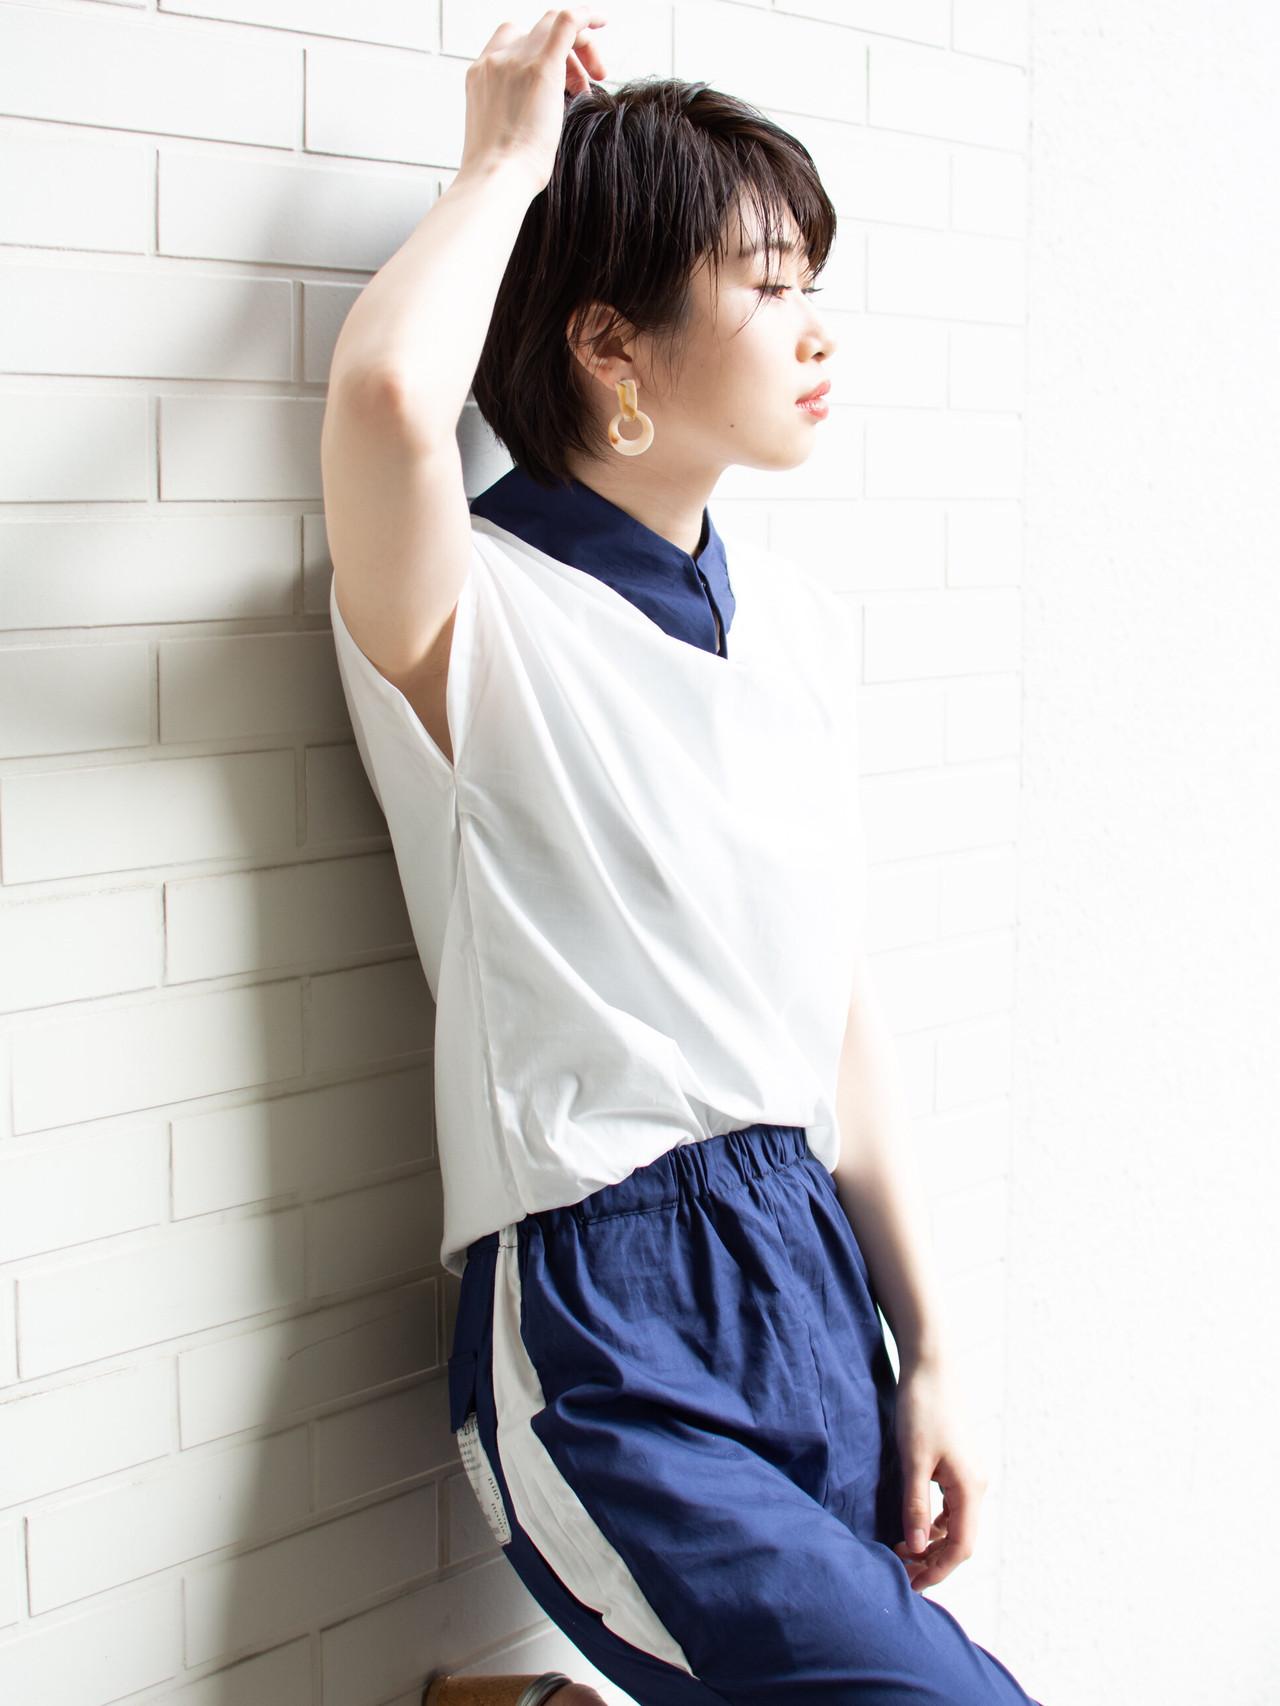 ショート デート ボブヘアー ショートボブ ヘアスタイルや髪型の写真・画像 | 【noine】斉藤 正敏 / noine